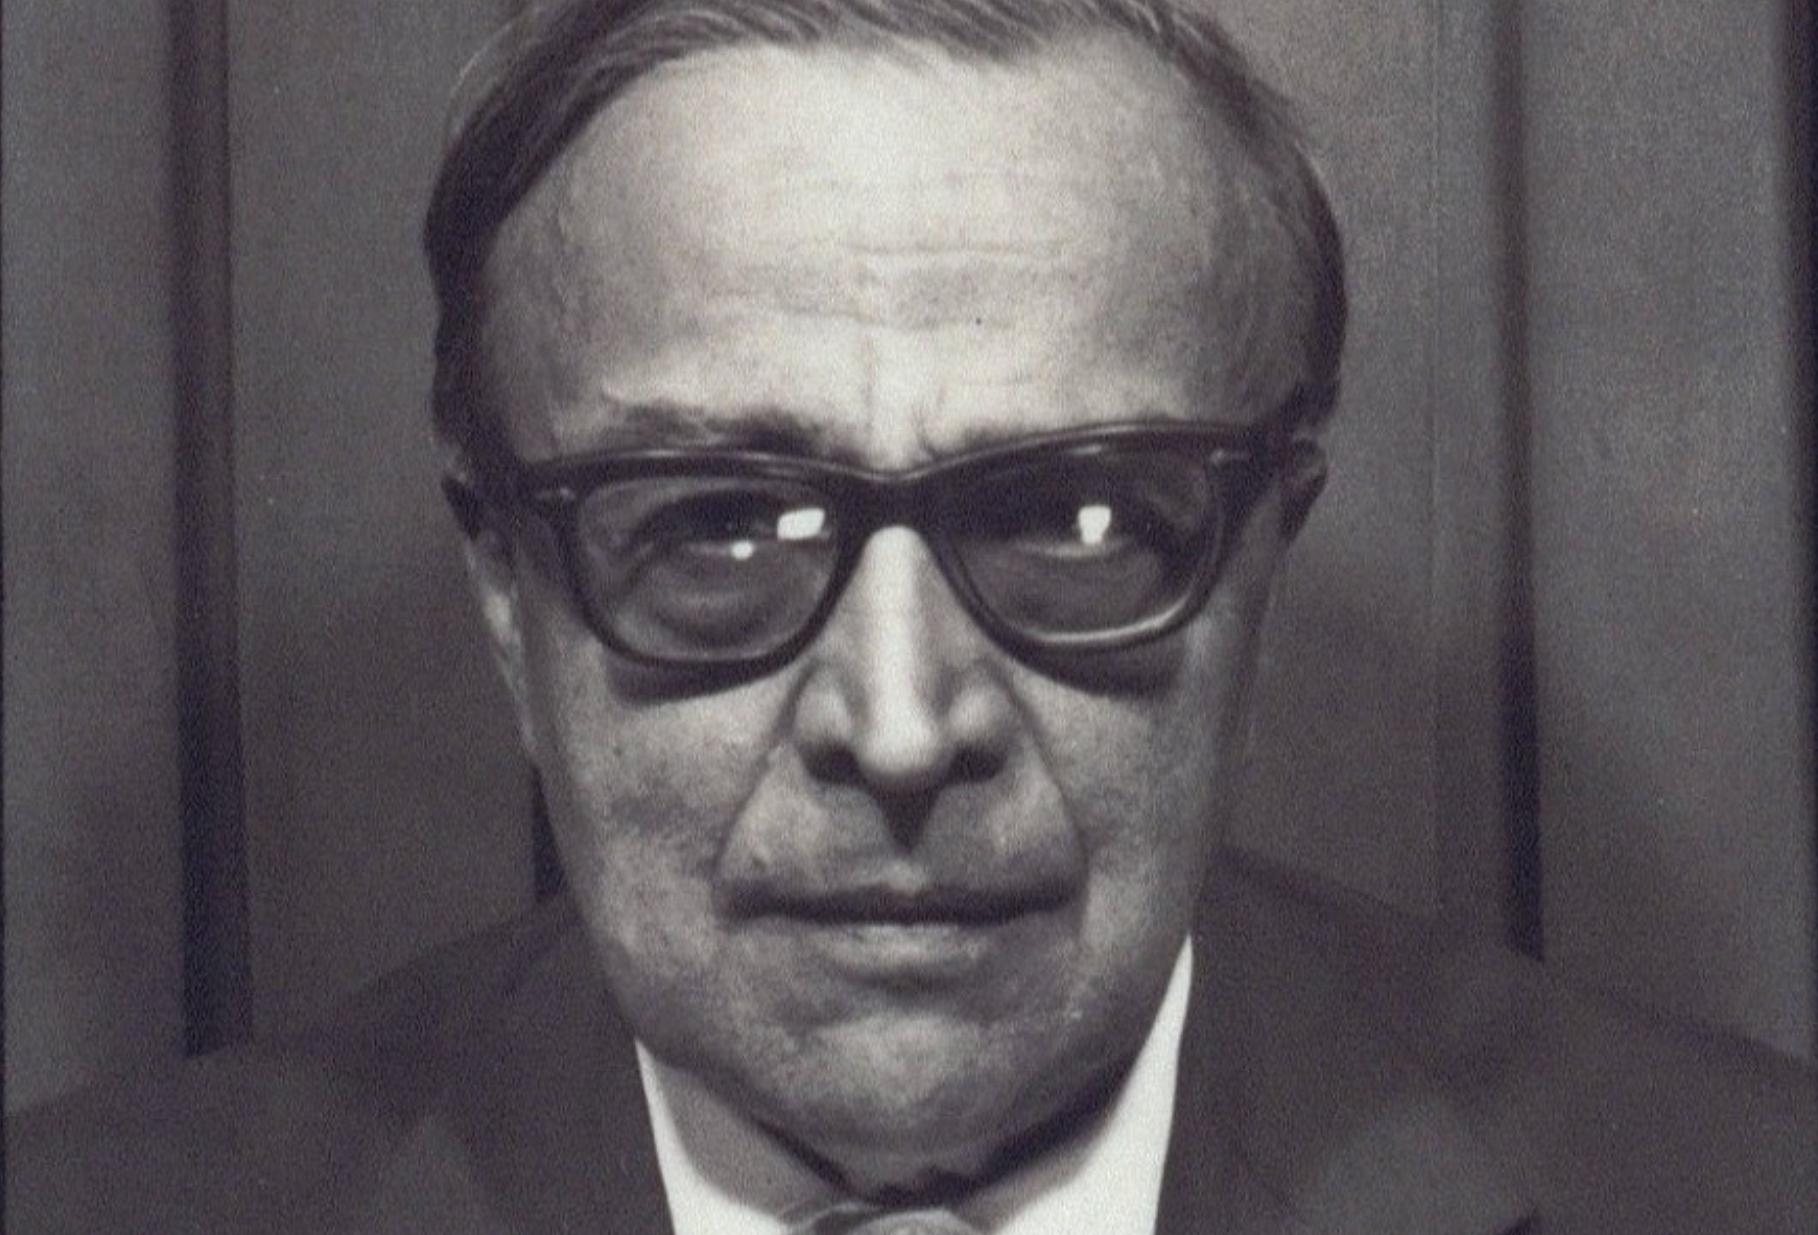 Portrait en noir et blanc du philosophe russe Alexander Kojève portant des lunettes.